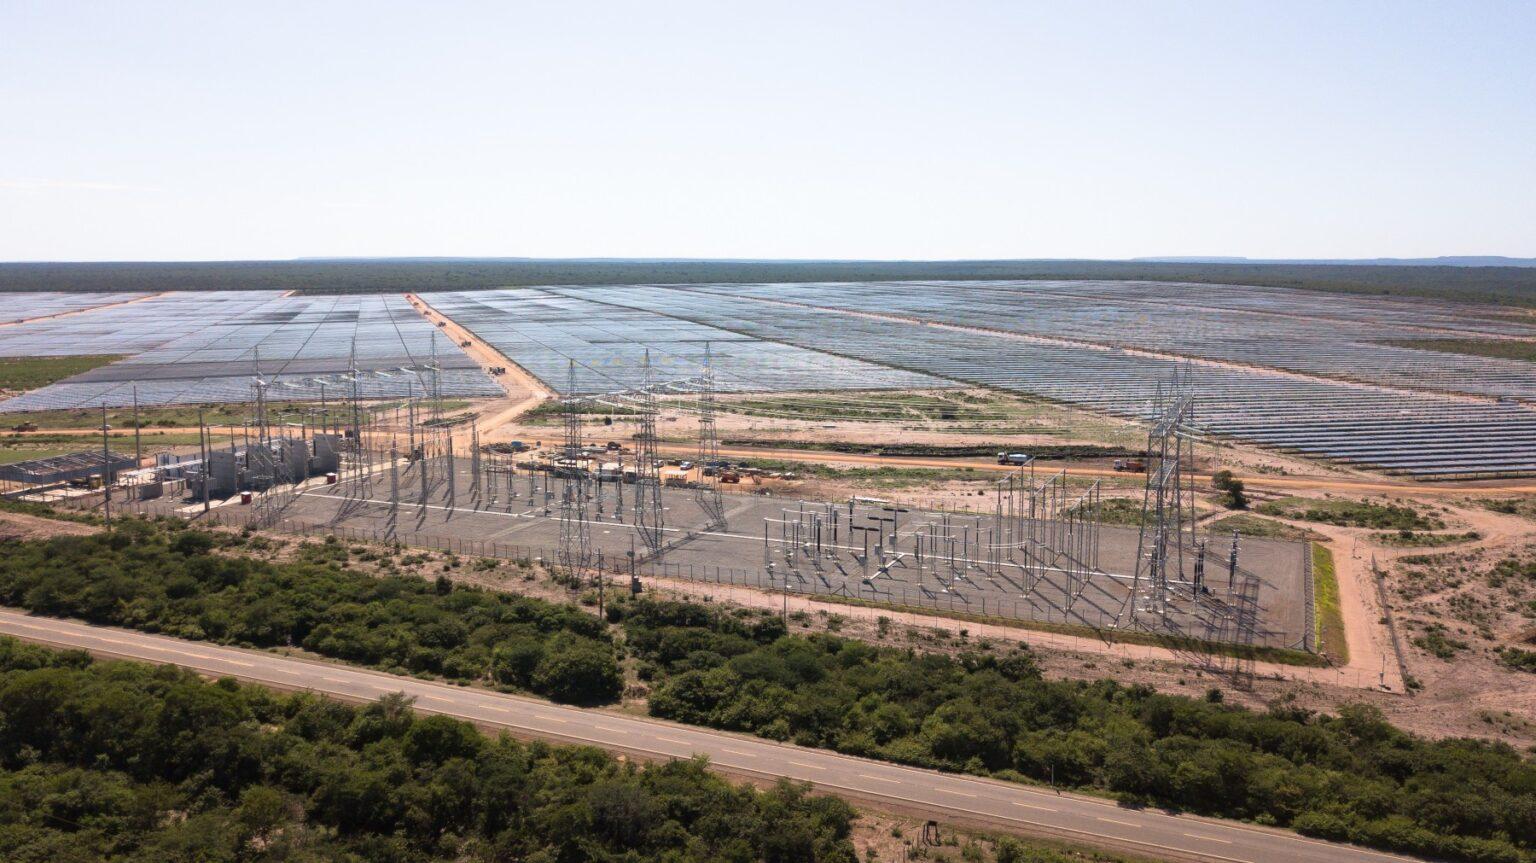 Em apenas 3 anos, Piauí assume a liderança na energia solar instalada  - Imagem 1